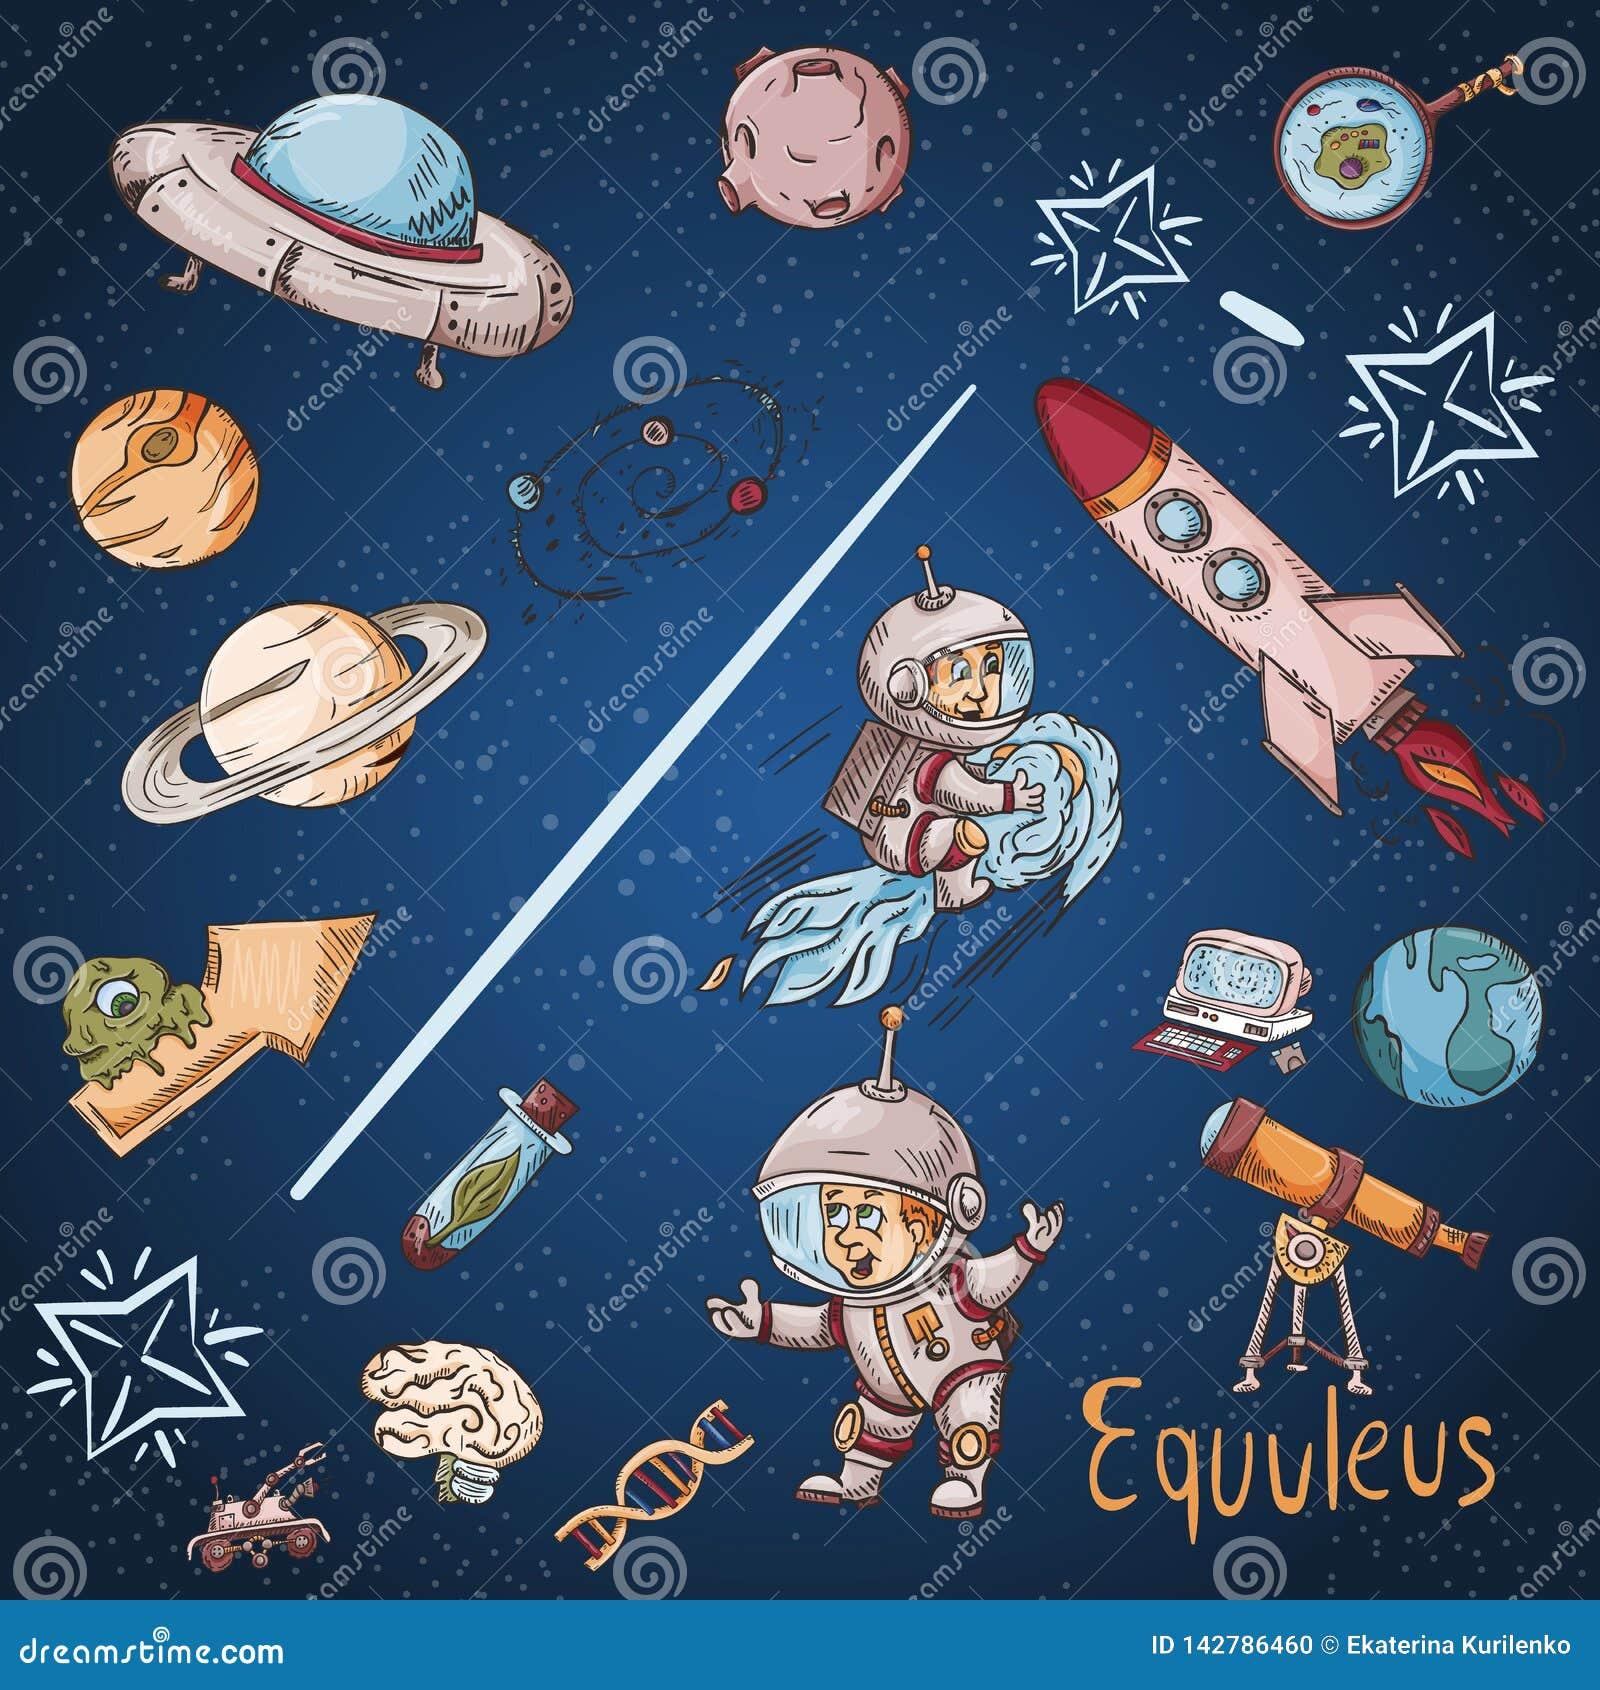 Constelação do espaço com as ilustrações de cor de name_18_and em um tema científico e fantástico